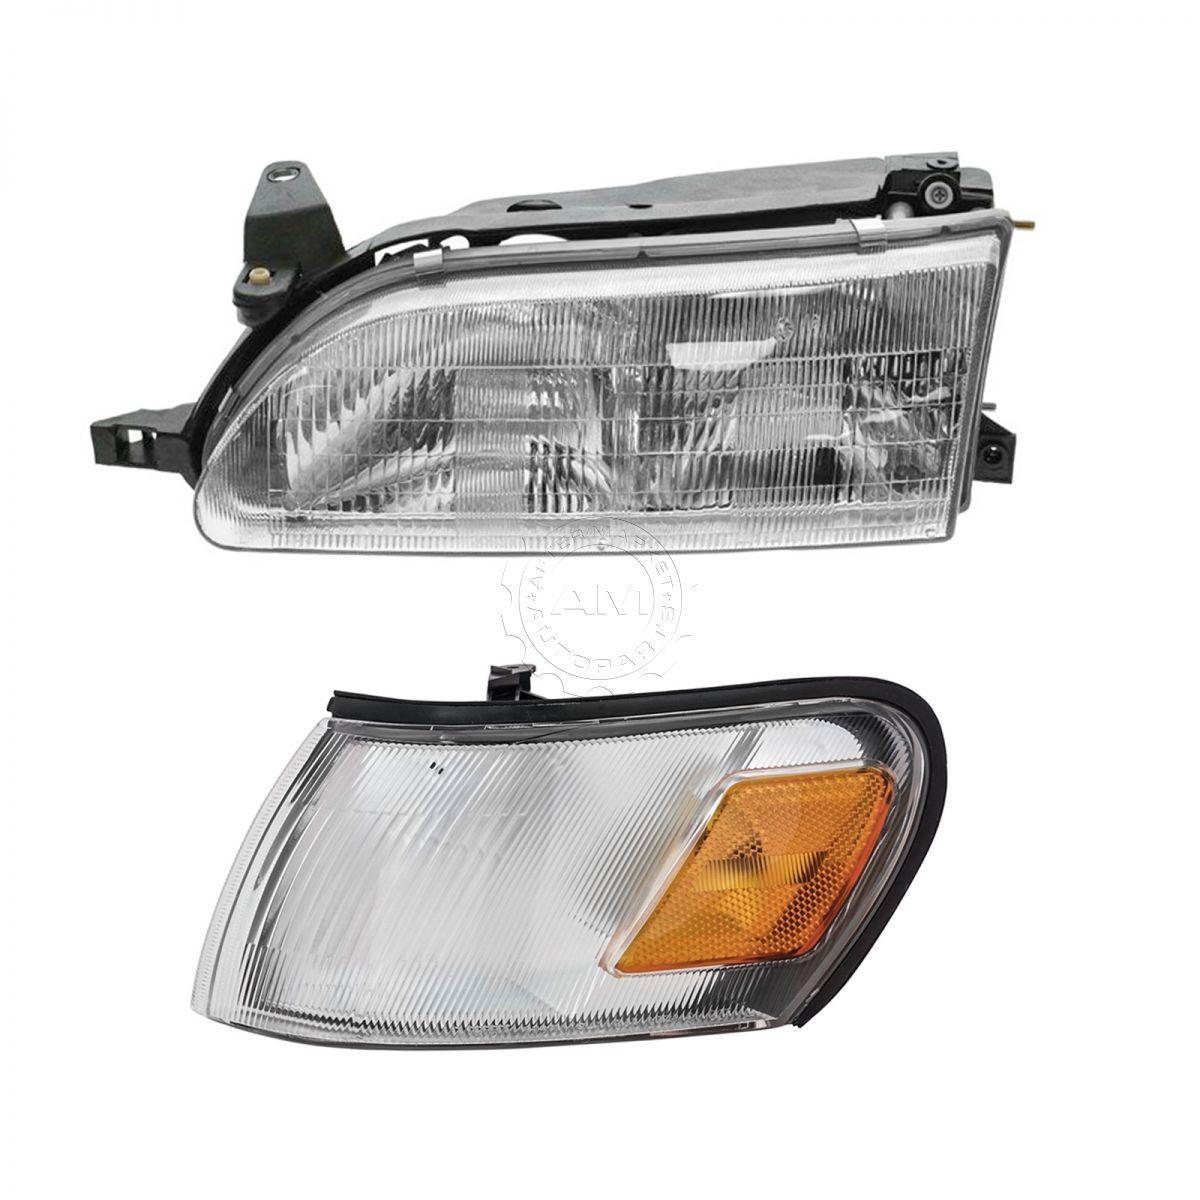 新品本物 コーナーライト Headlight Headlamp & Parking Corner Light Driver Side Left LH for 93-97 Corolla ヘッドライトヘッドランプ& 93-97カローラのパーキングコーナーライトドライバサイドLH, 雑貨温泉 fb0089b8